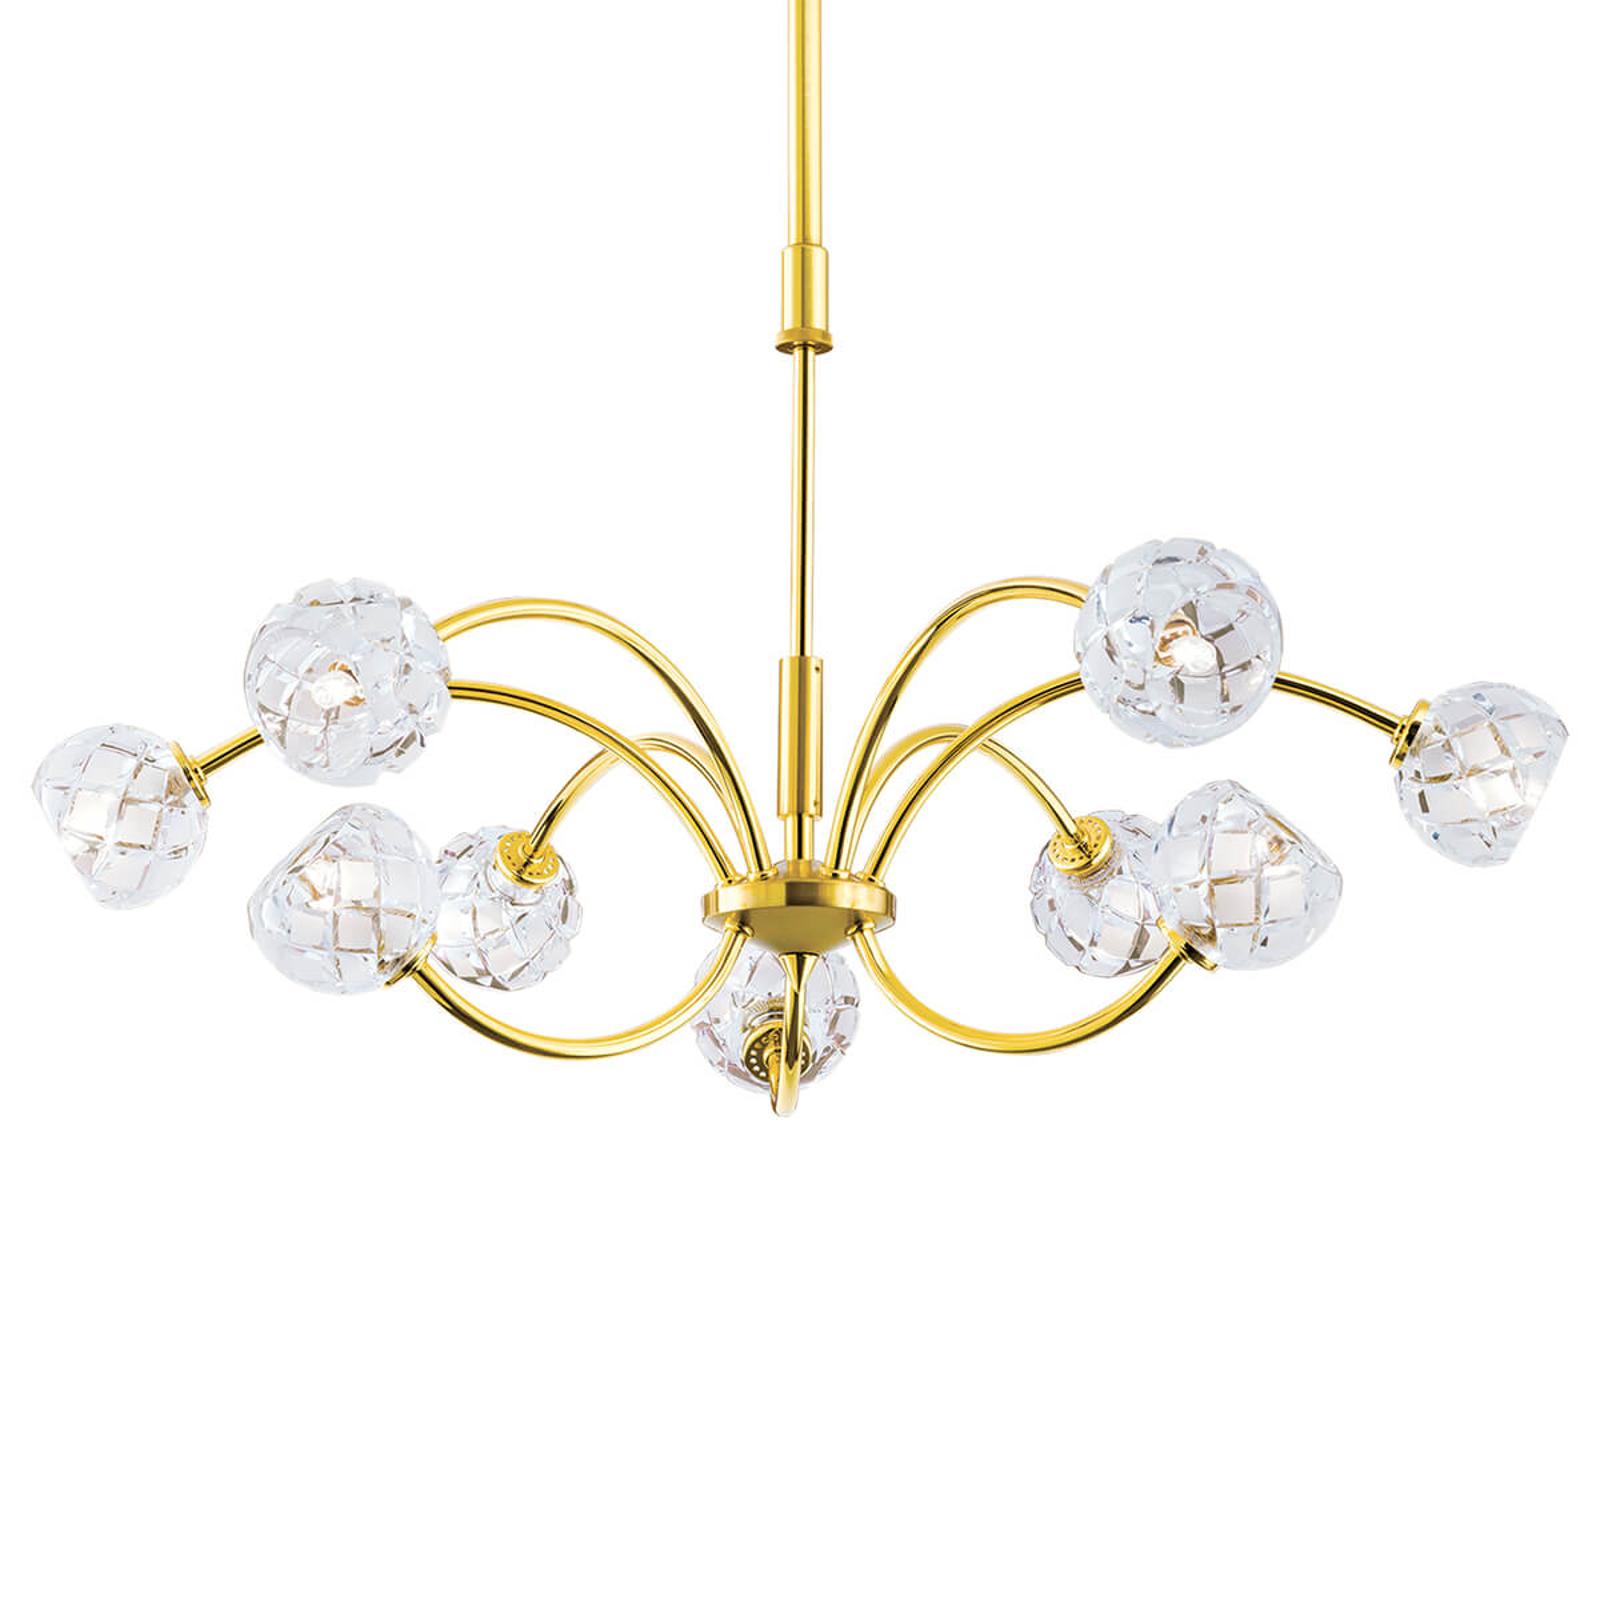 Křišťálové závěsné světlo Maderno, zlato, 69cm